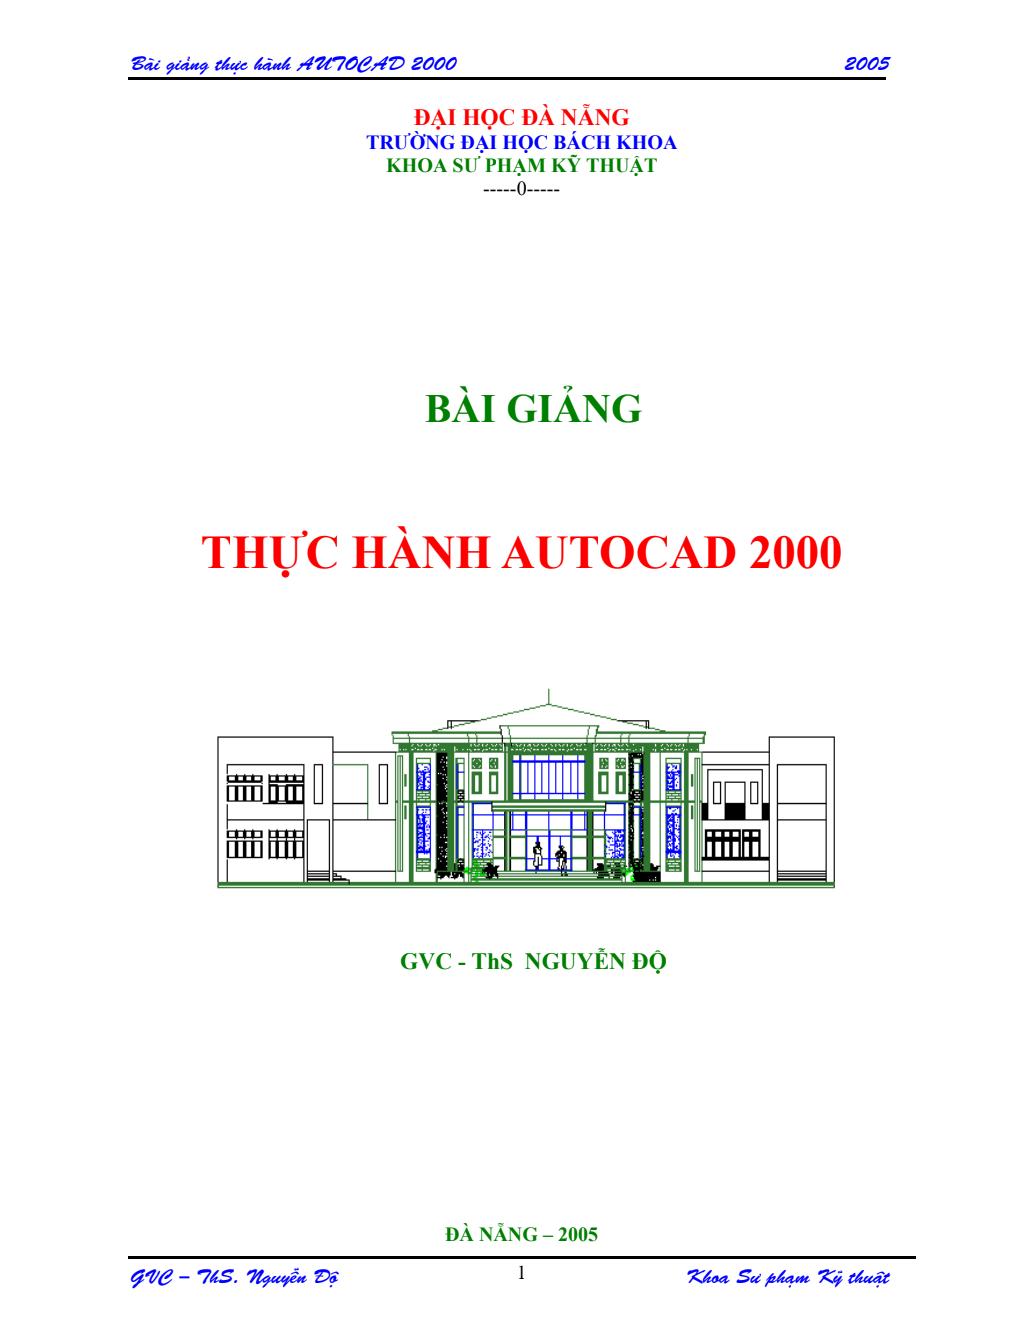 Bài giảng Thực hành Autocad 2000 - Nguyễn Độ